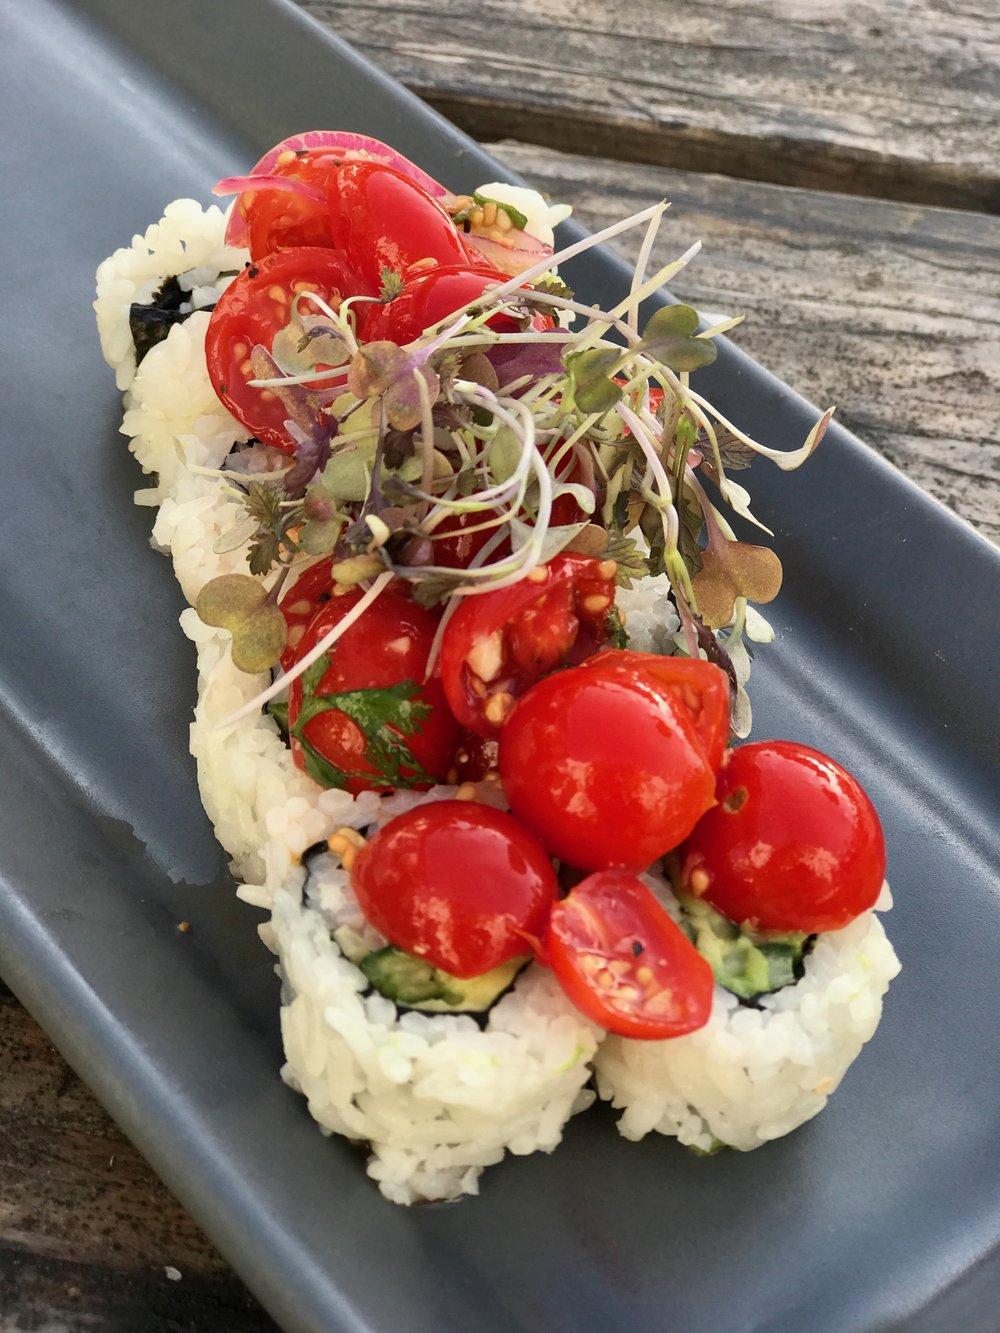 Tomato veggie roll chef davin waite .JPG